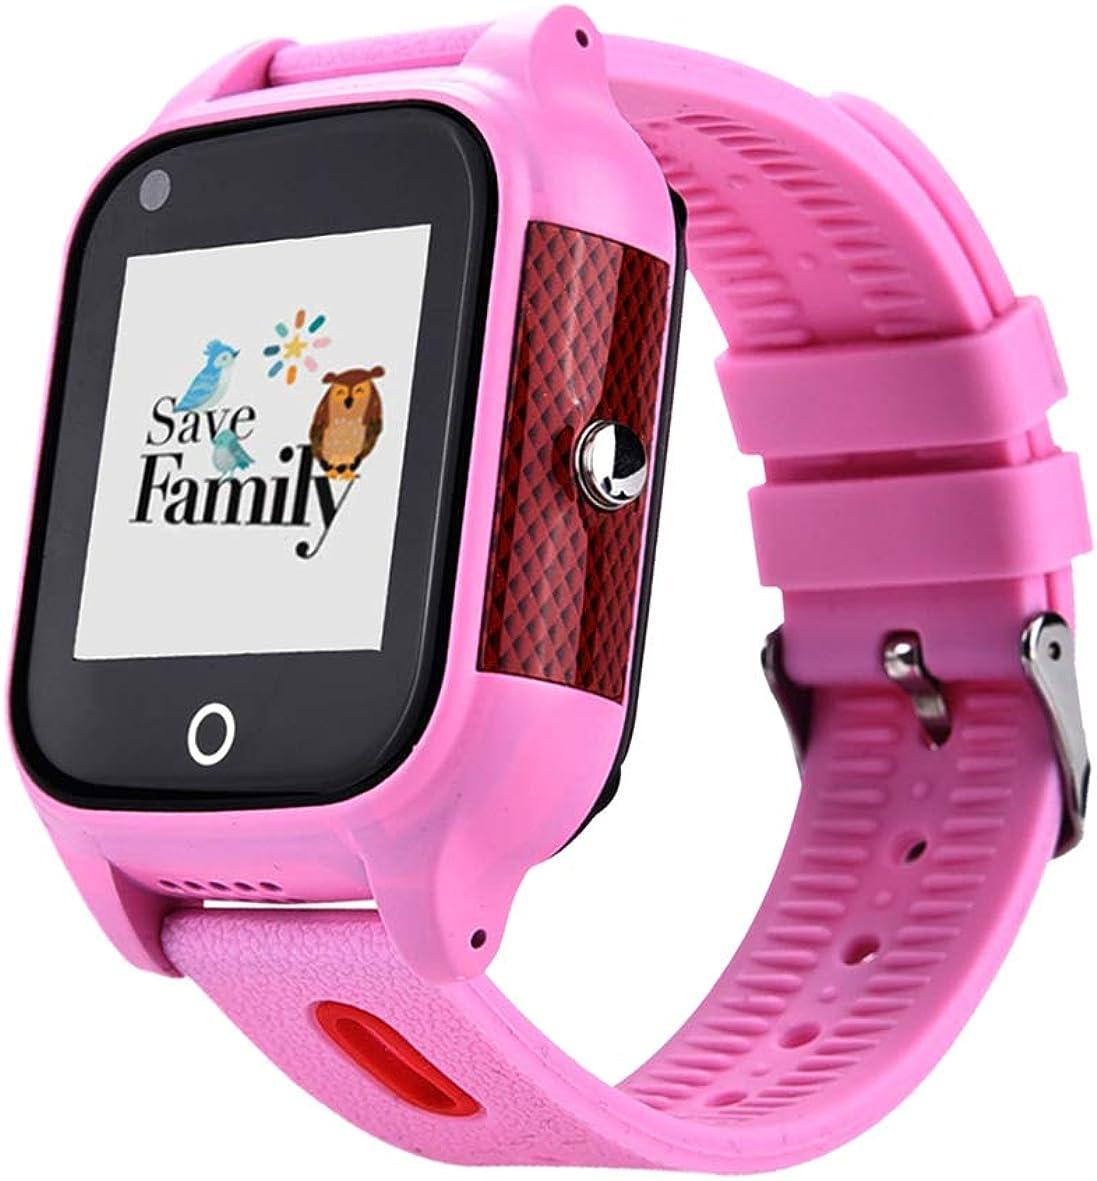 Reloj-Smartwatch 4G con Videollamada & GPS instantáneo para niños SaveFamily. Reloj con WiFi, Bluetooth, identificador de Llamadas, Boton SOS Resistente al Agua Ip67. App Propia SaveFamily